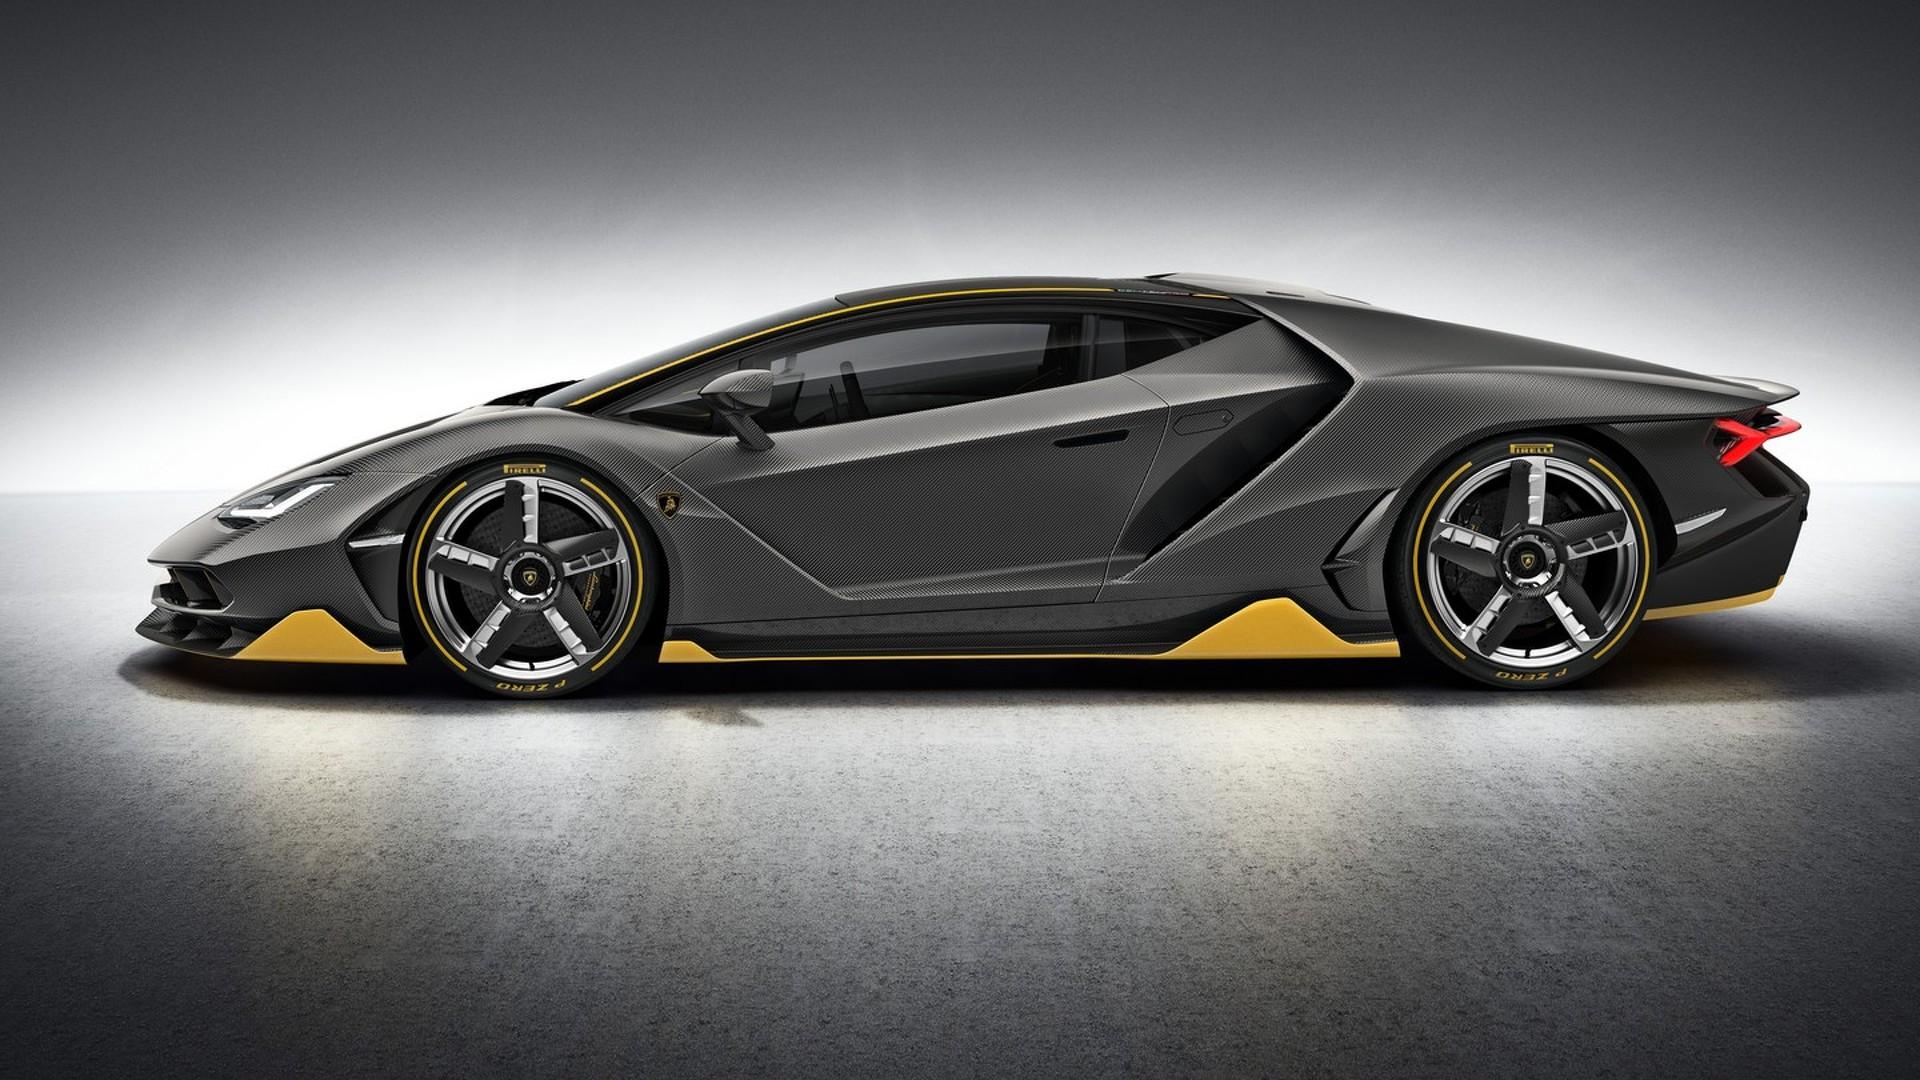 Lamborghini Centenario Roadster Set To Debut At Pebble Beach